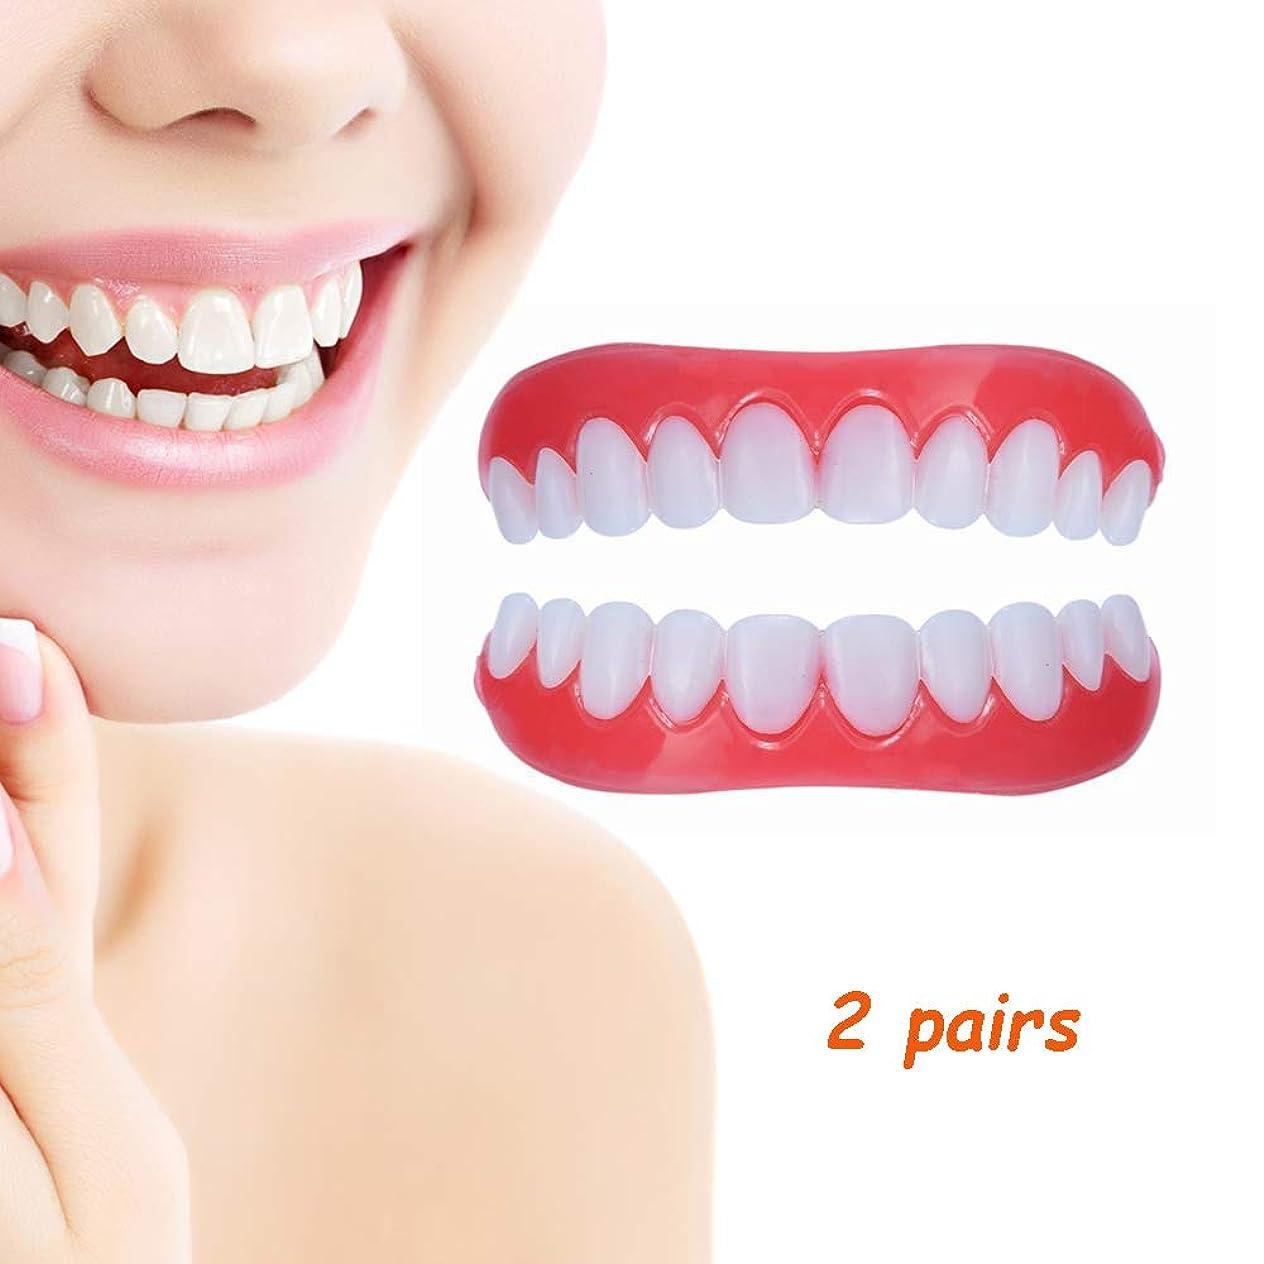 ジャニス撤退彫るインスタントスマイルの歯、2ペアアッパーとアンダーベニアの組み合わせインスタントスマイルコンフォートフィットフレックスシリコンが歯のホワイトニングと義歯をエミュレートしますワンサイズフィット